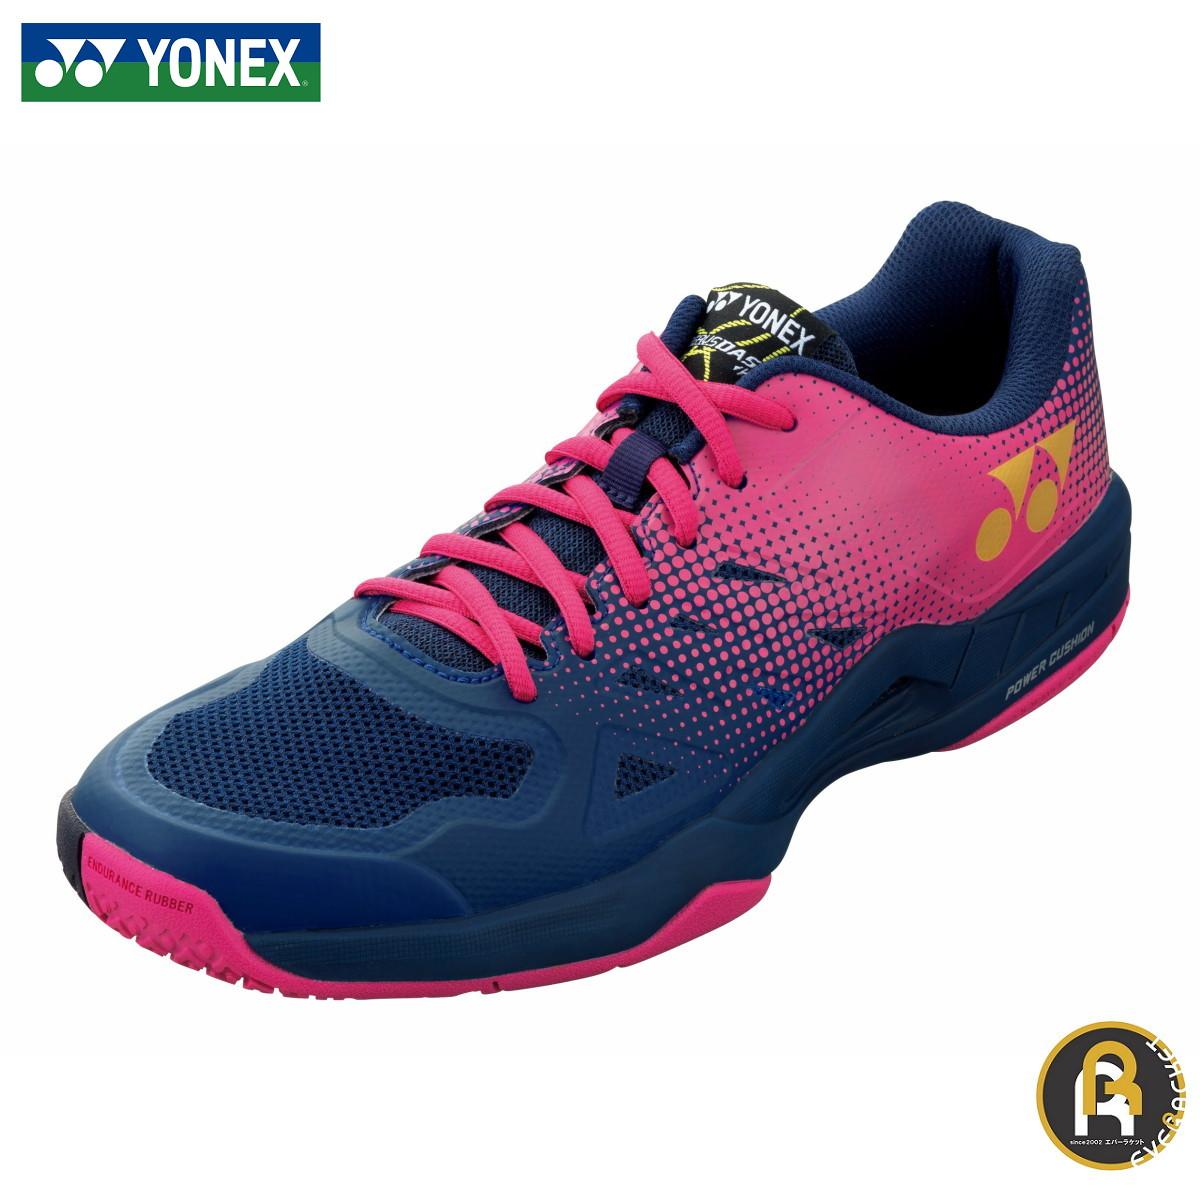 ヨネックス YONEX テニスシューズ パワークッションエアラスダッシュ2WGC SHTAD2WG ソフトテニス